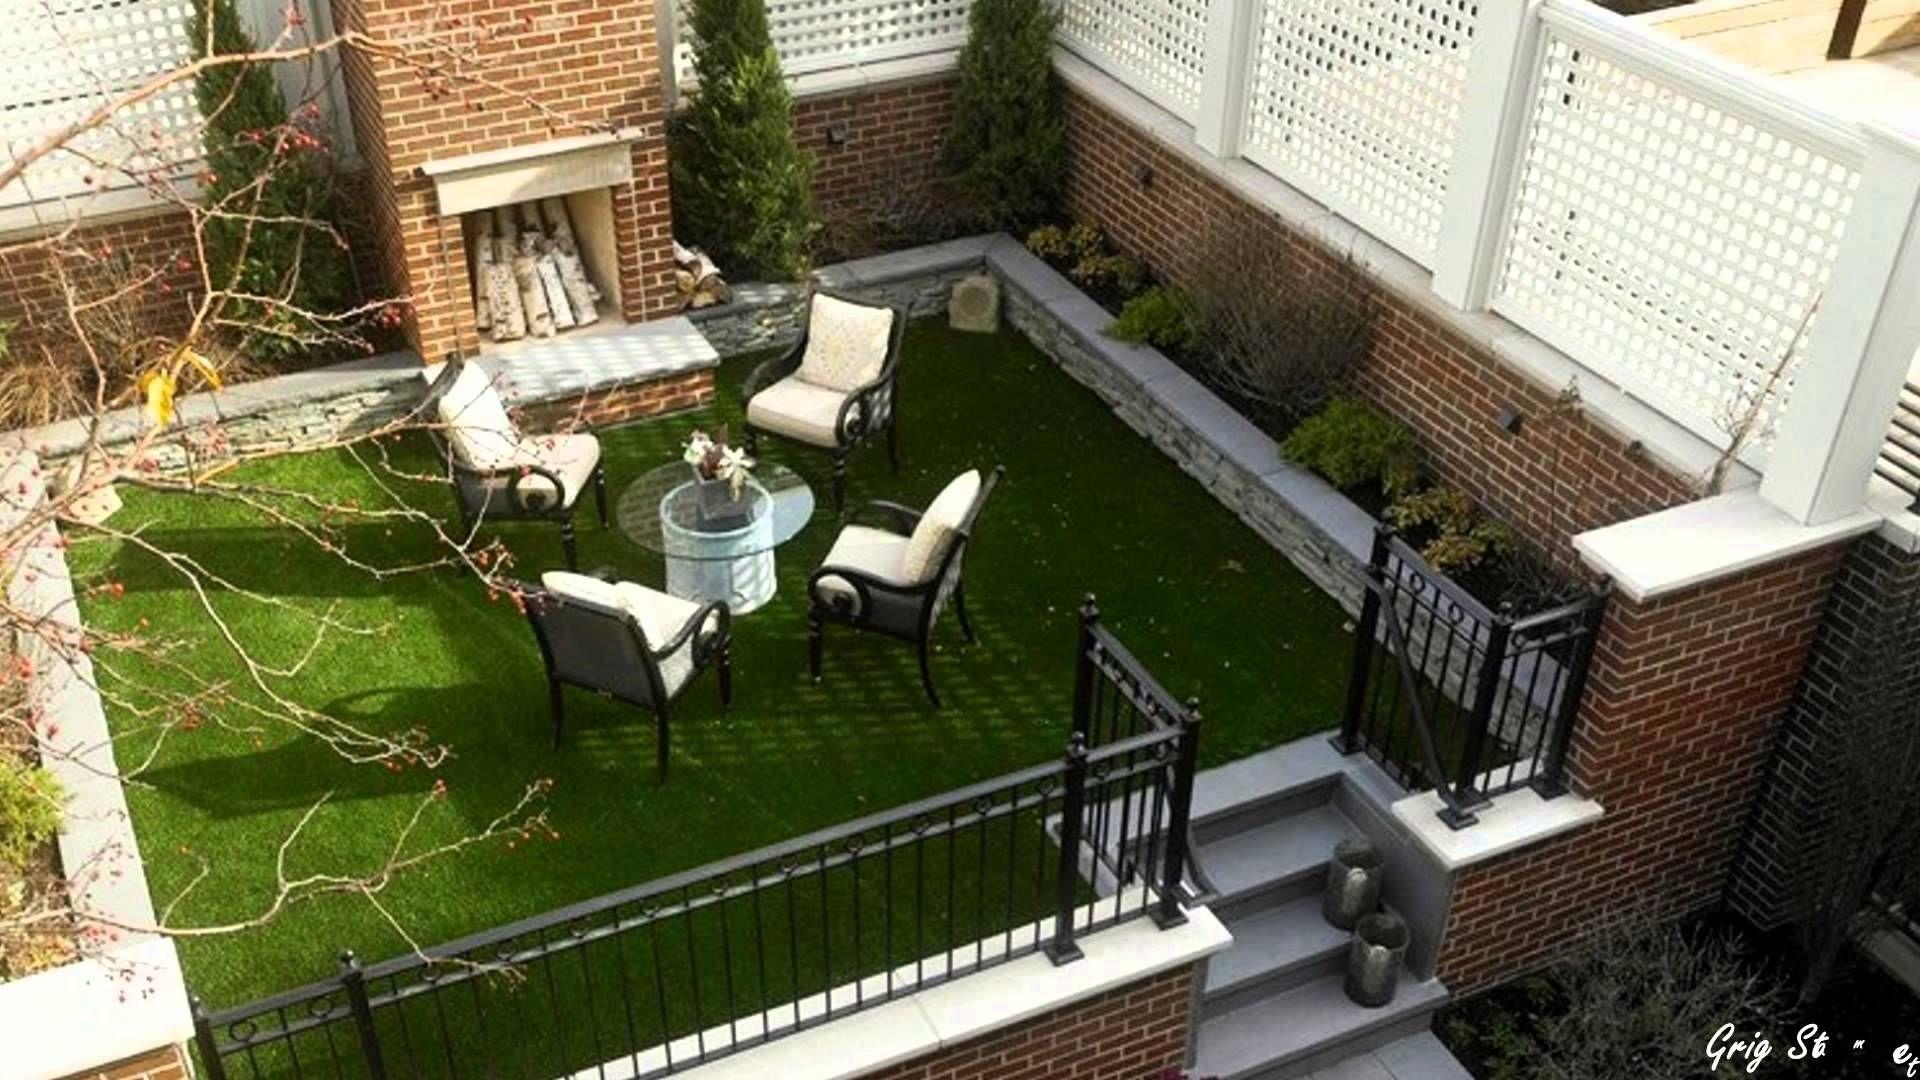 Home Design Ideas Youtube: Small City Garden Ideas, Beautiful Urban Courtyard Designs